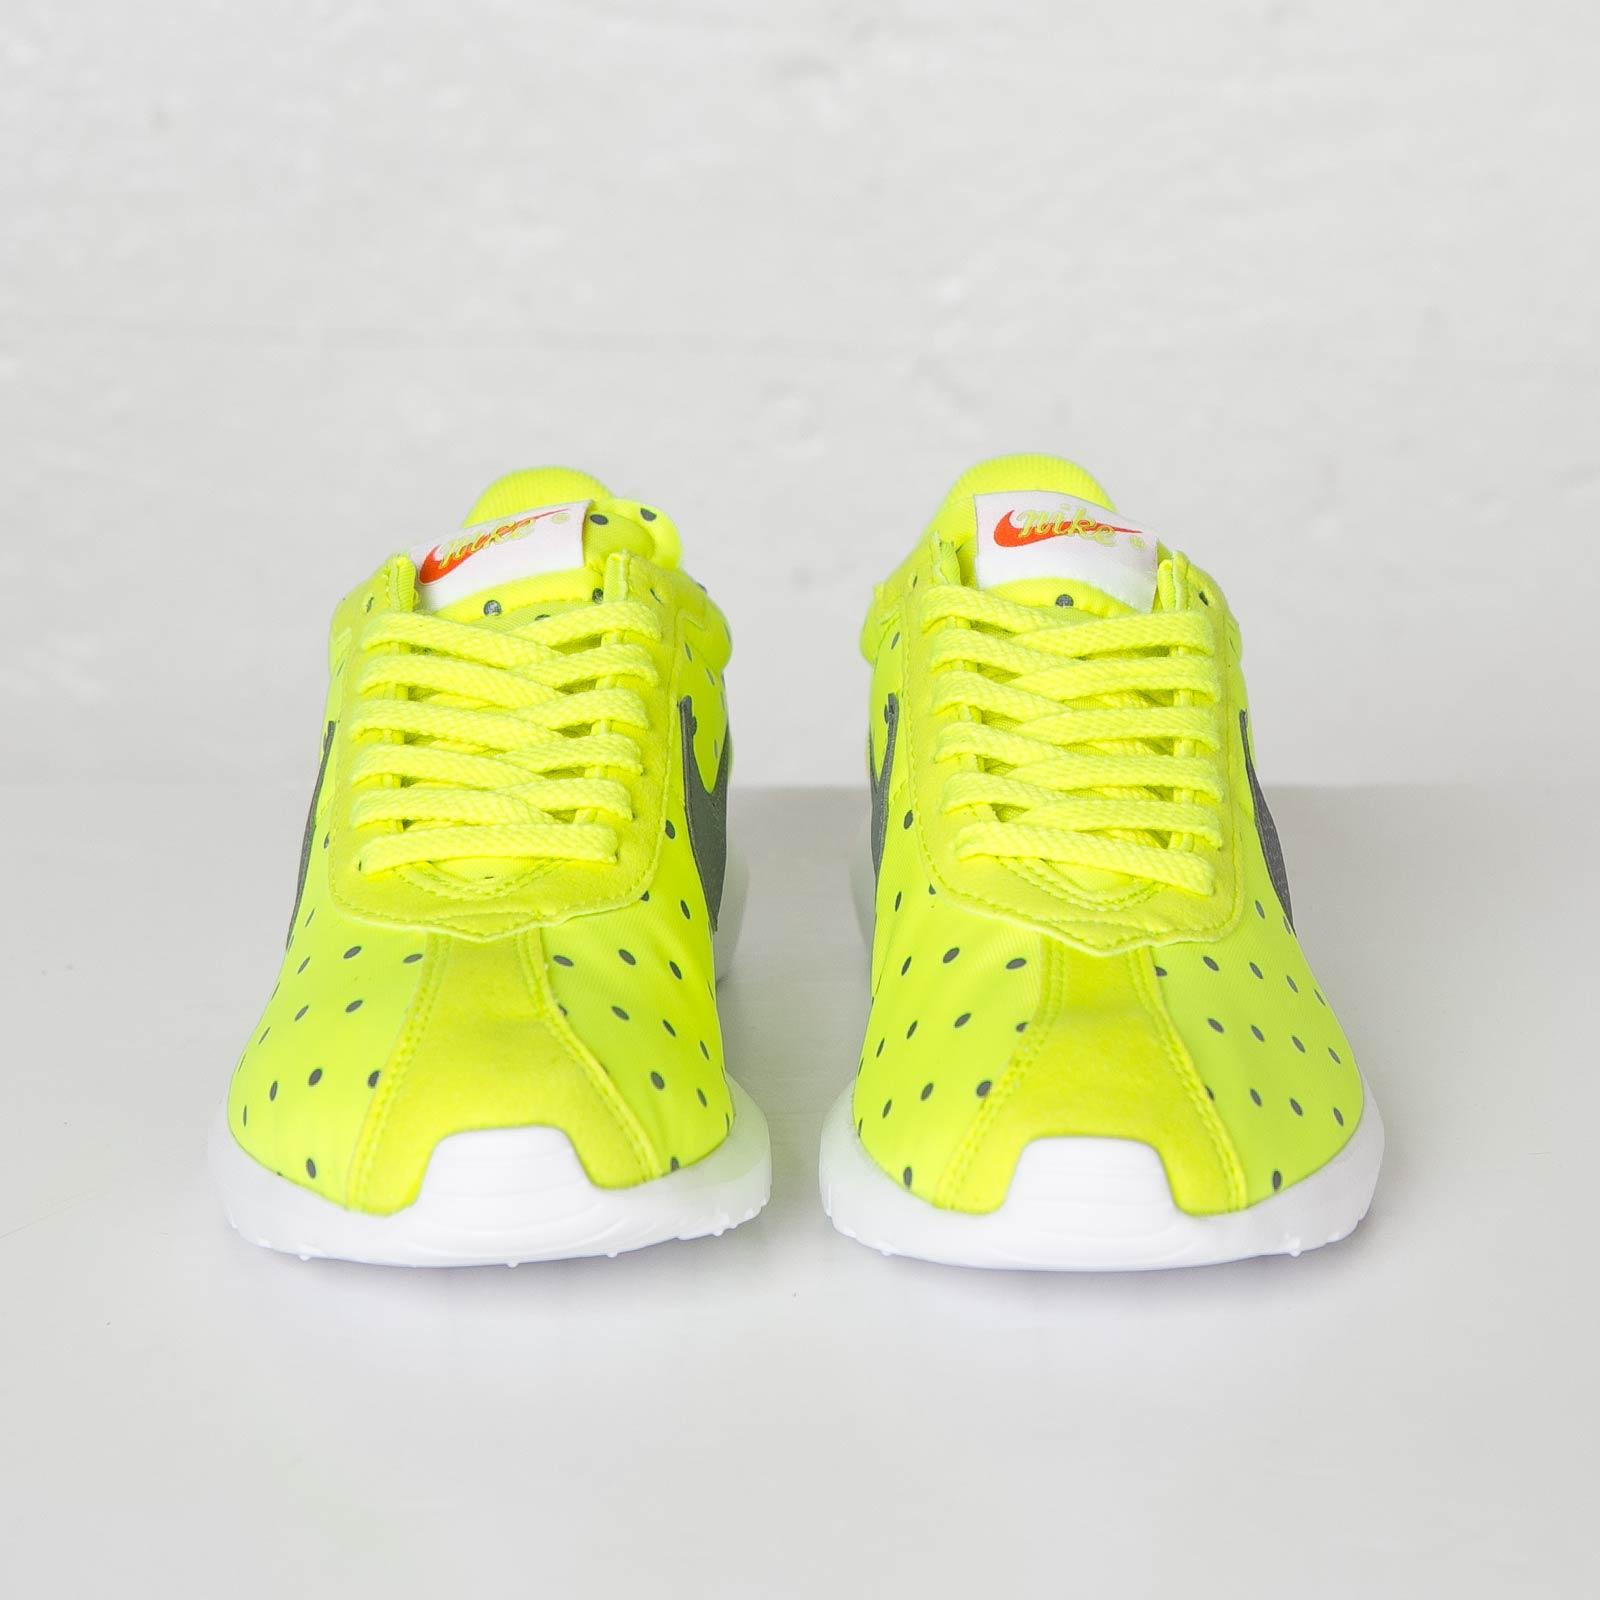 half off df4e8 e02b7 Nike W Roshe LD-1000 Print - 810861-701 - Sneakersnstuff   sneakers    streetwear online since 1999